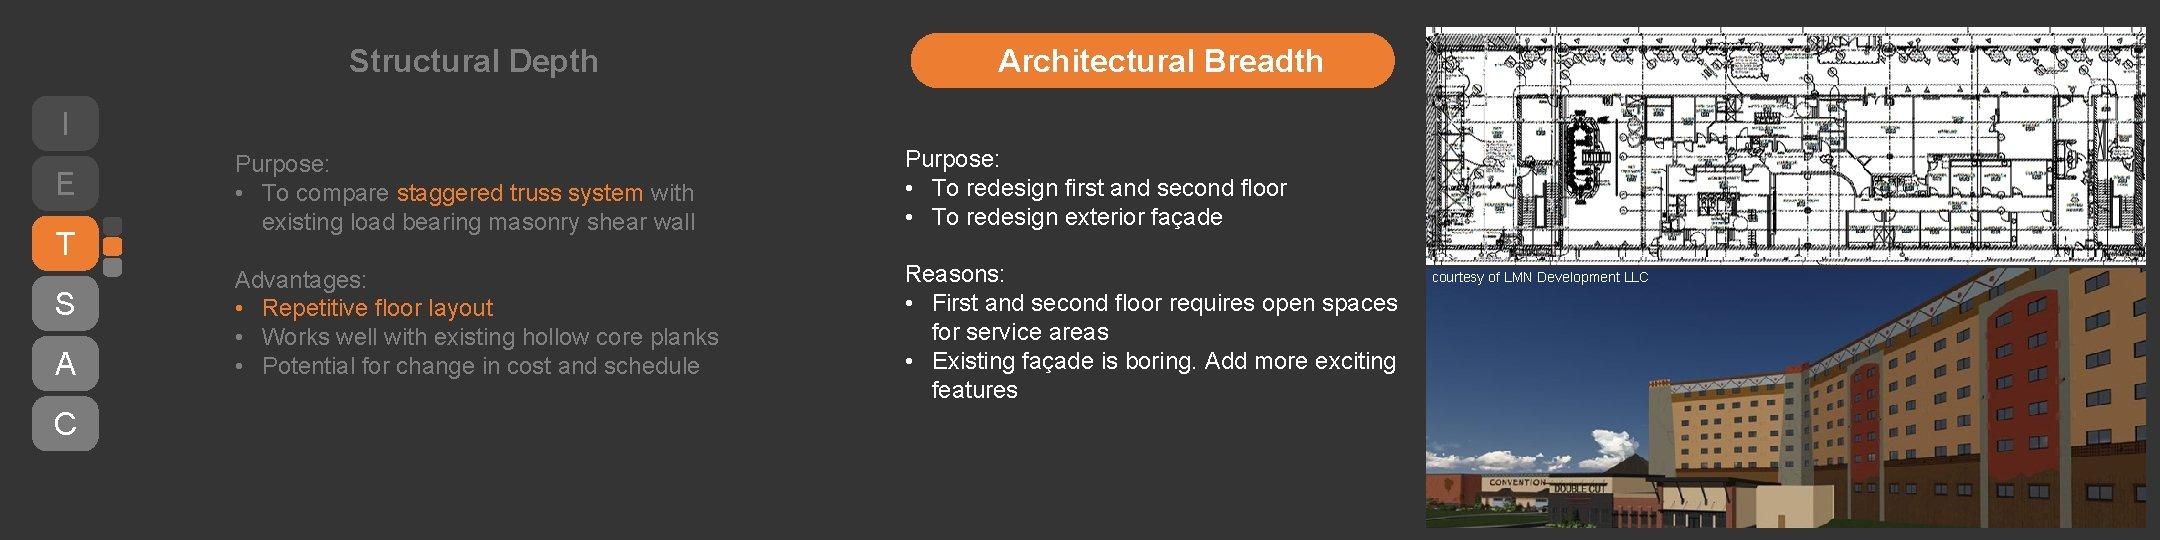 Structural Depth Architectural Breadth I E T S A C Purpose: • To compare